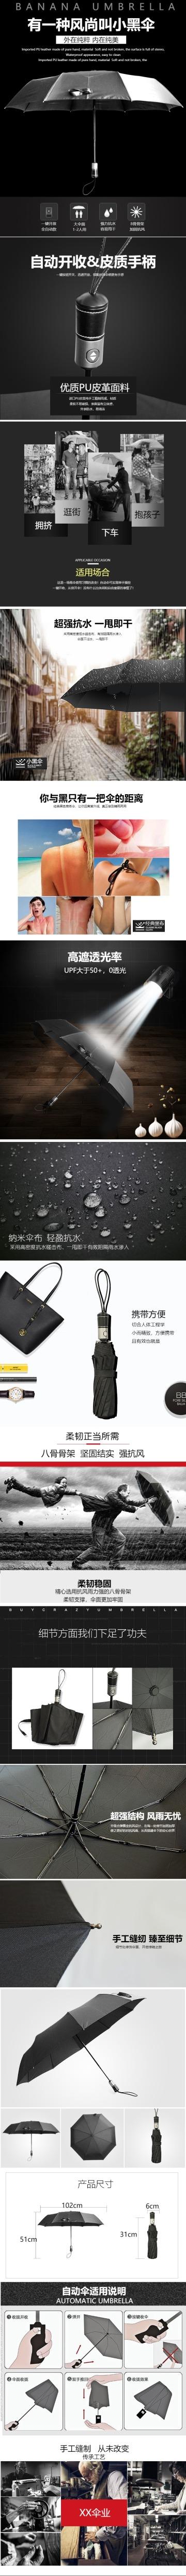 时尚炫酷百货零售家居生活自动雨伞促销电商详情页